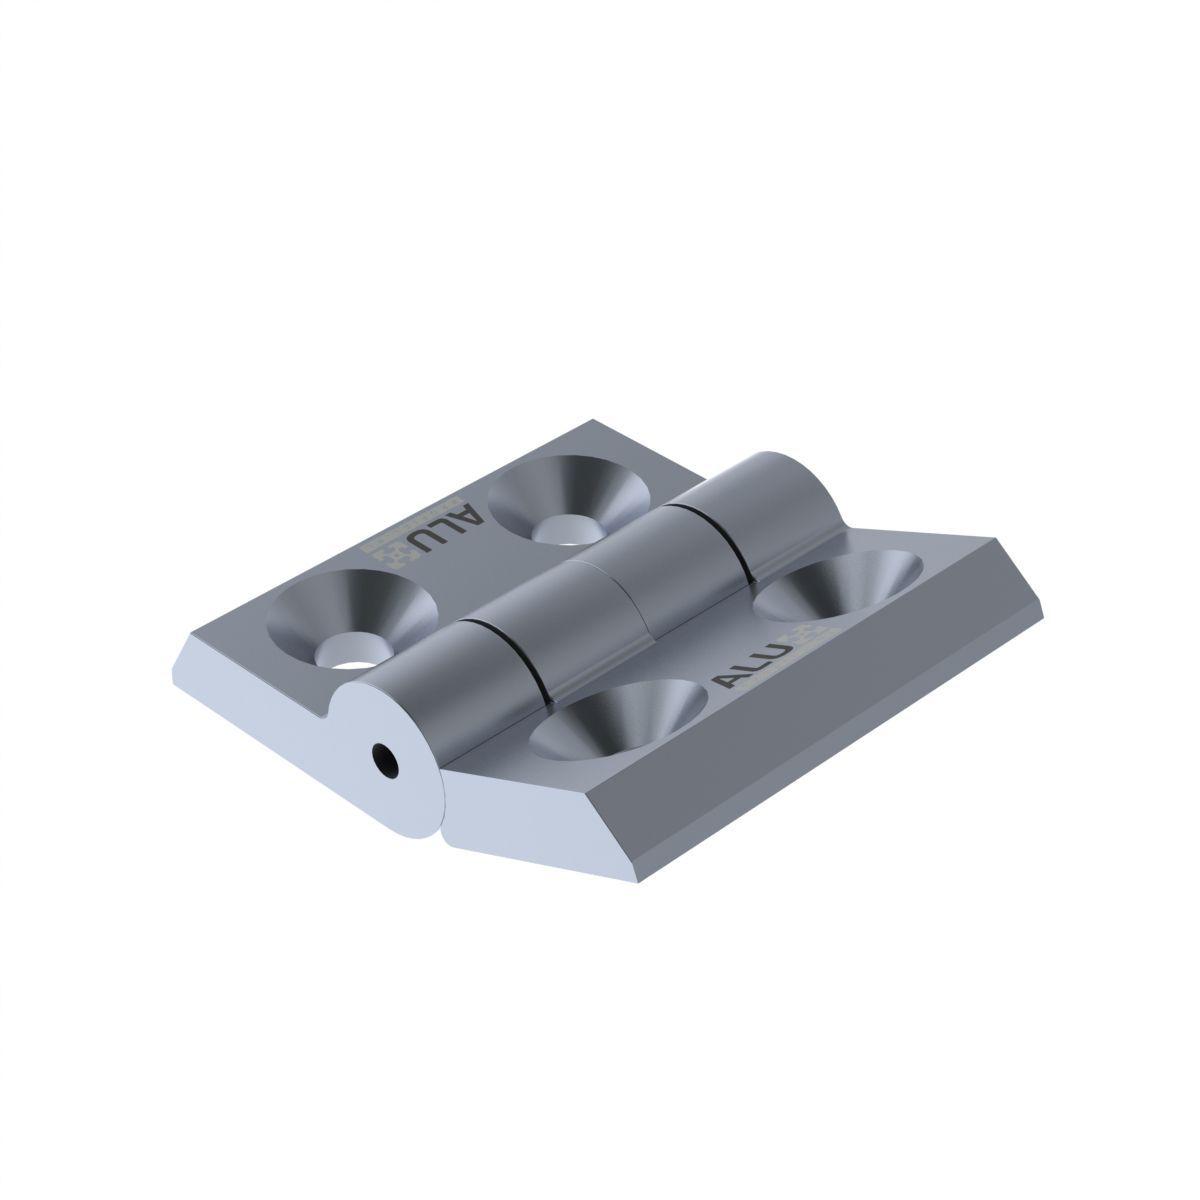 scharnier metaal 3030